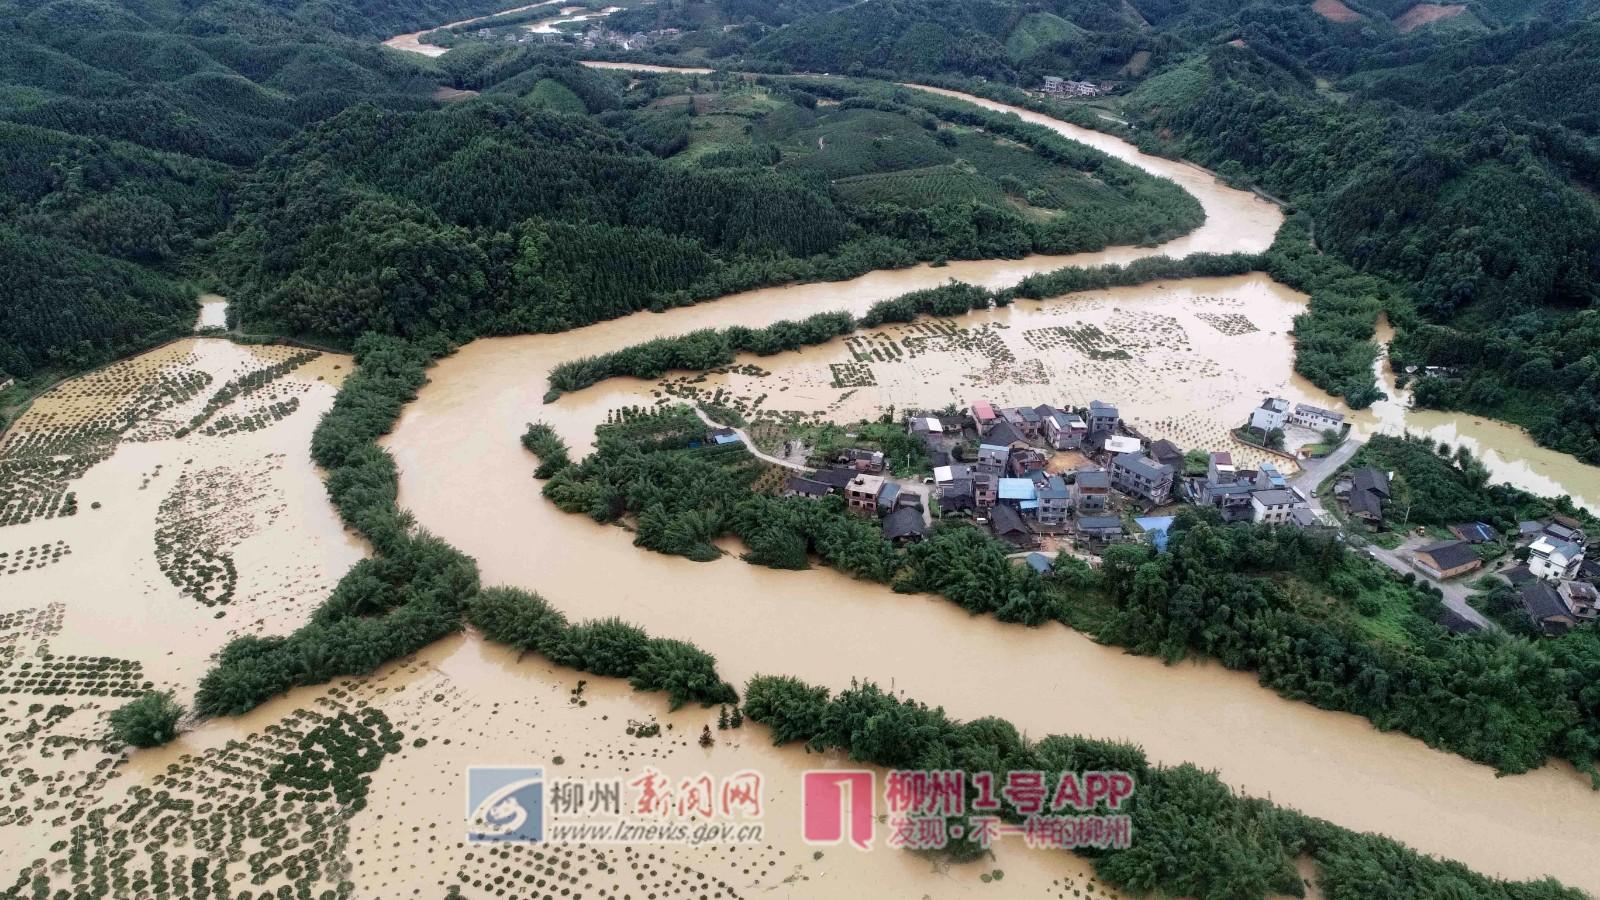 连遭暴雨侵袭,北部三县受灾:融安最为严重,经济损失超6千万元